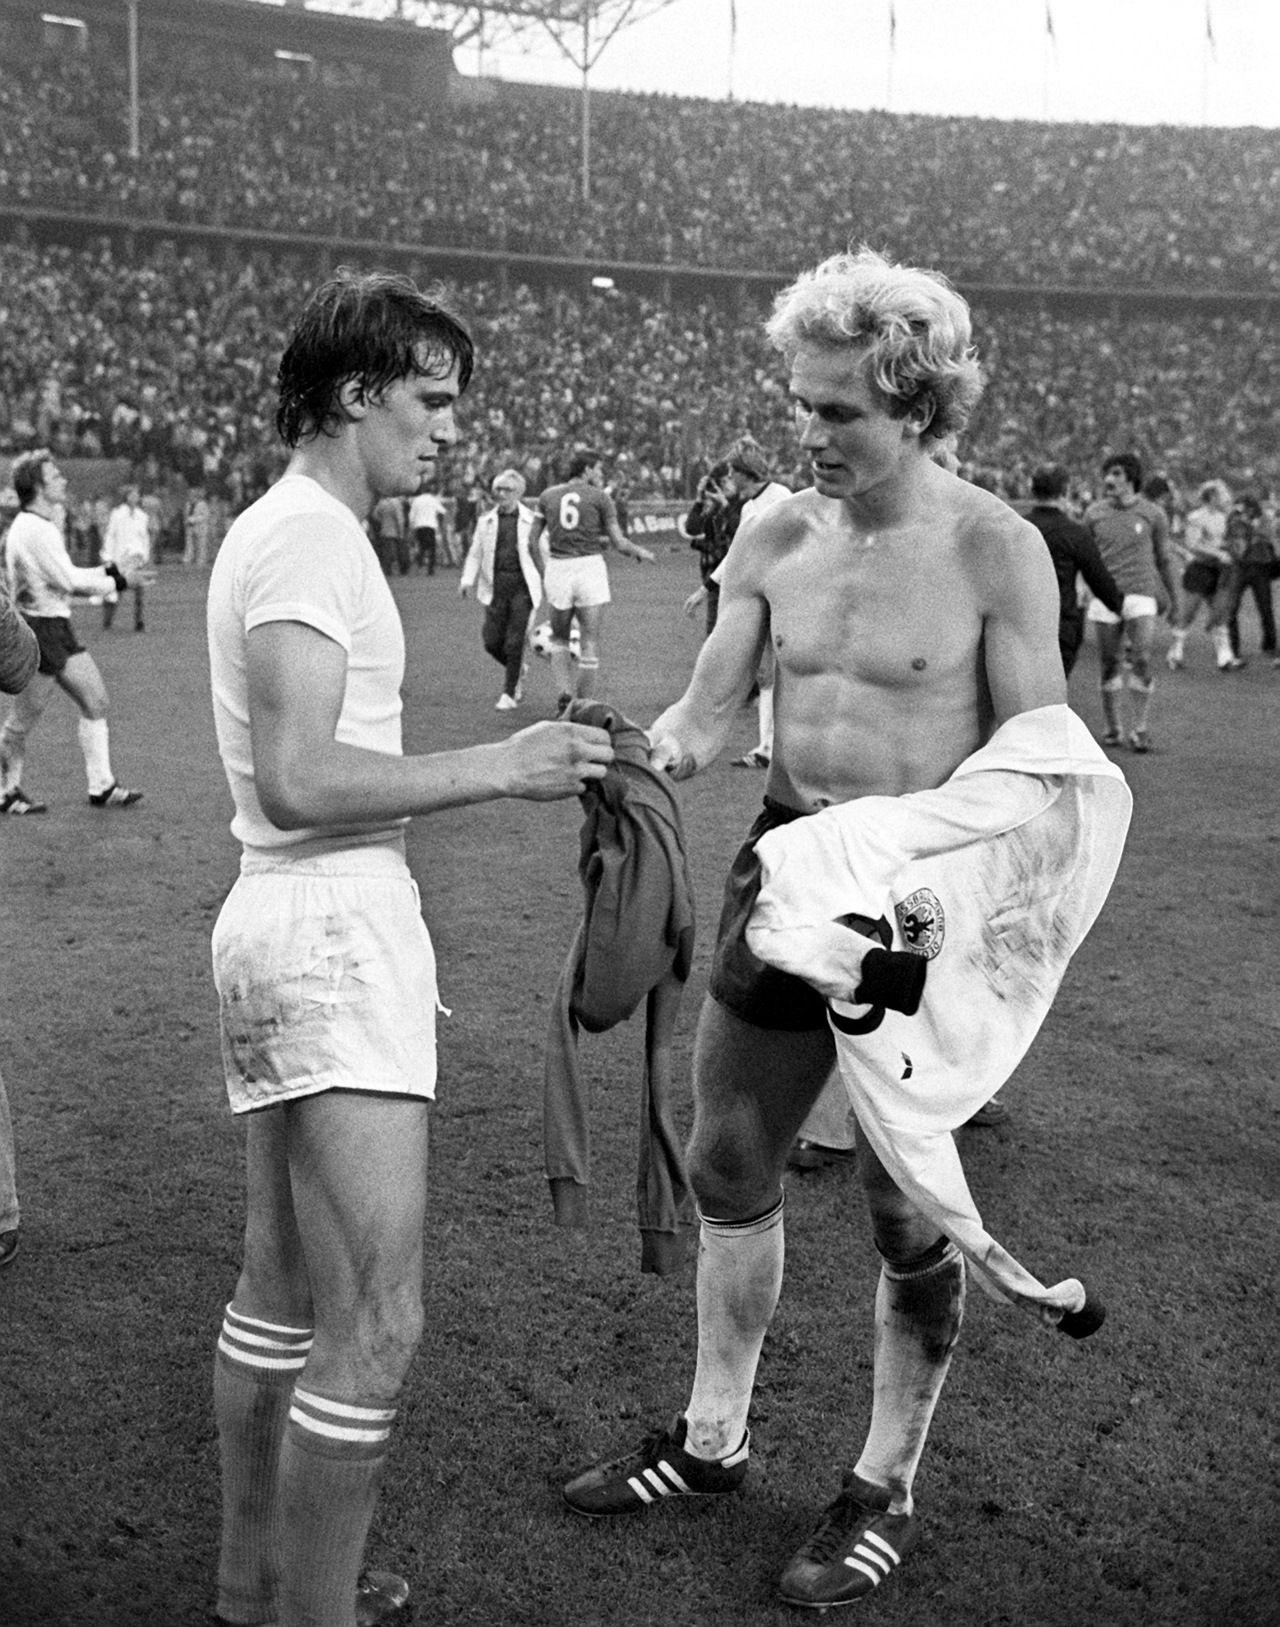 Karl Heinz Rummenigge and Marco Tardelli exchange shirts 1977